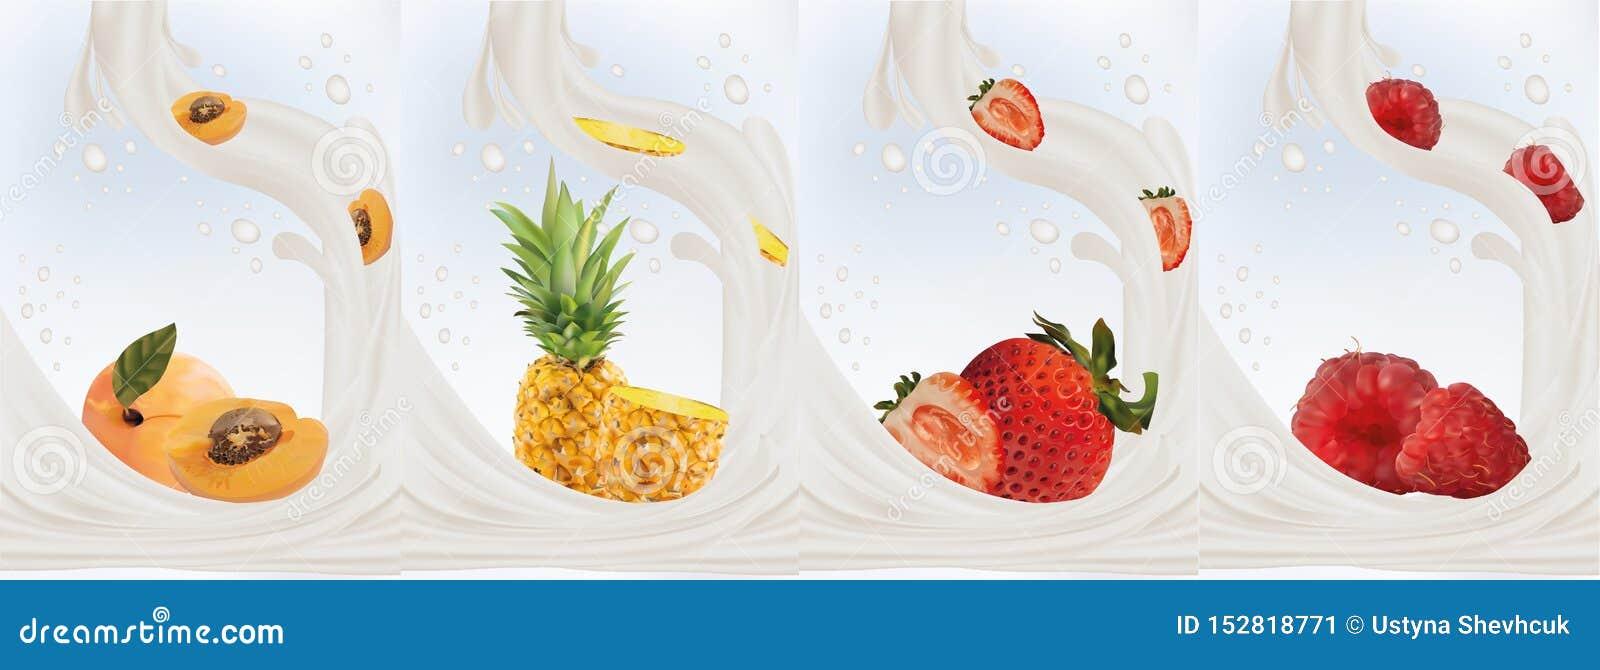 Realistyczne owoc truskawki, morela, ananas, malinka z dojnymi pluśnięciami zamykają w górę 3d ilustracja wektor Ustalony mleko